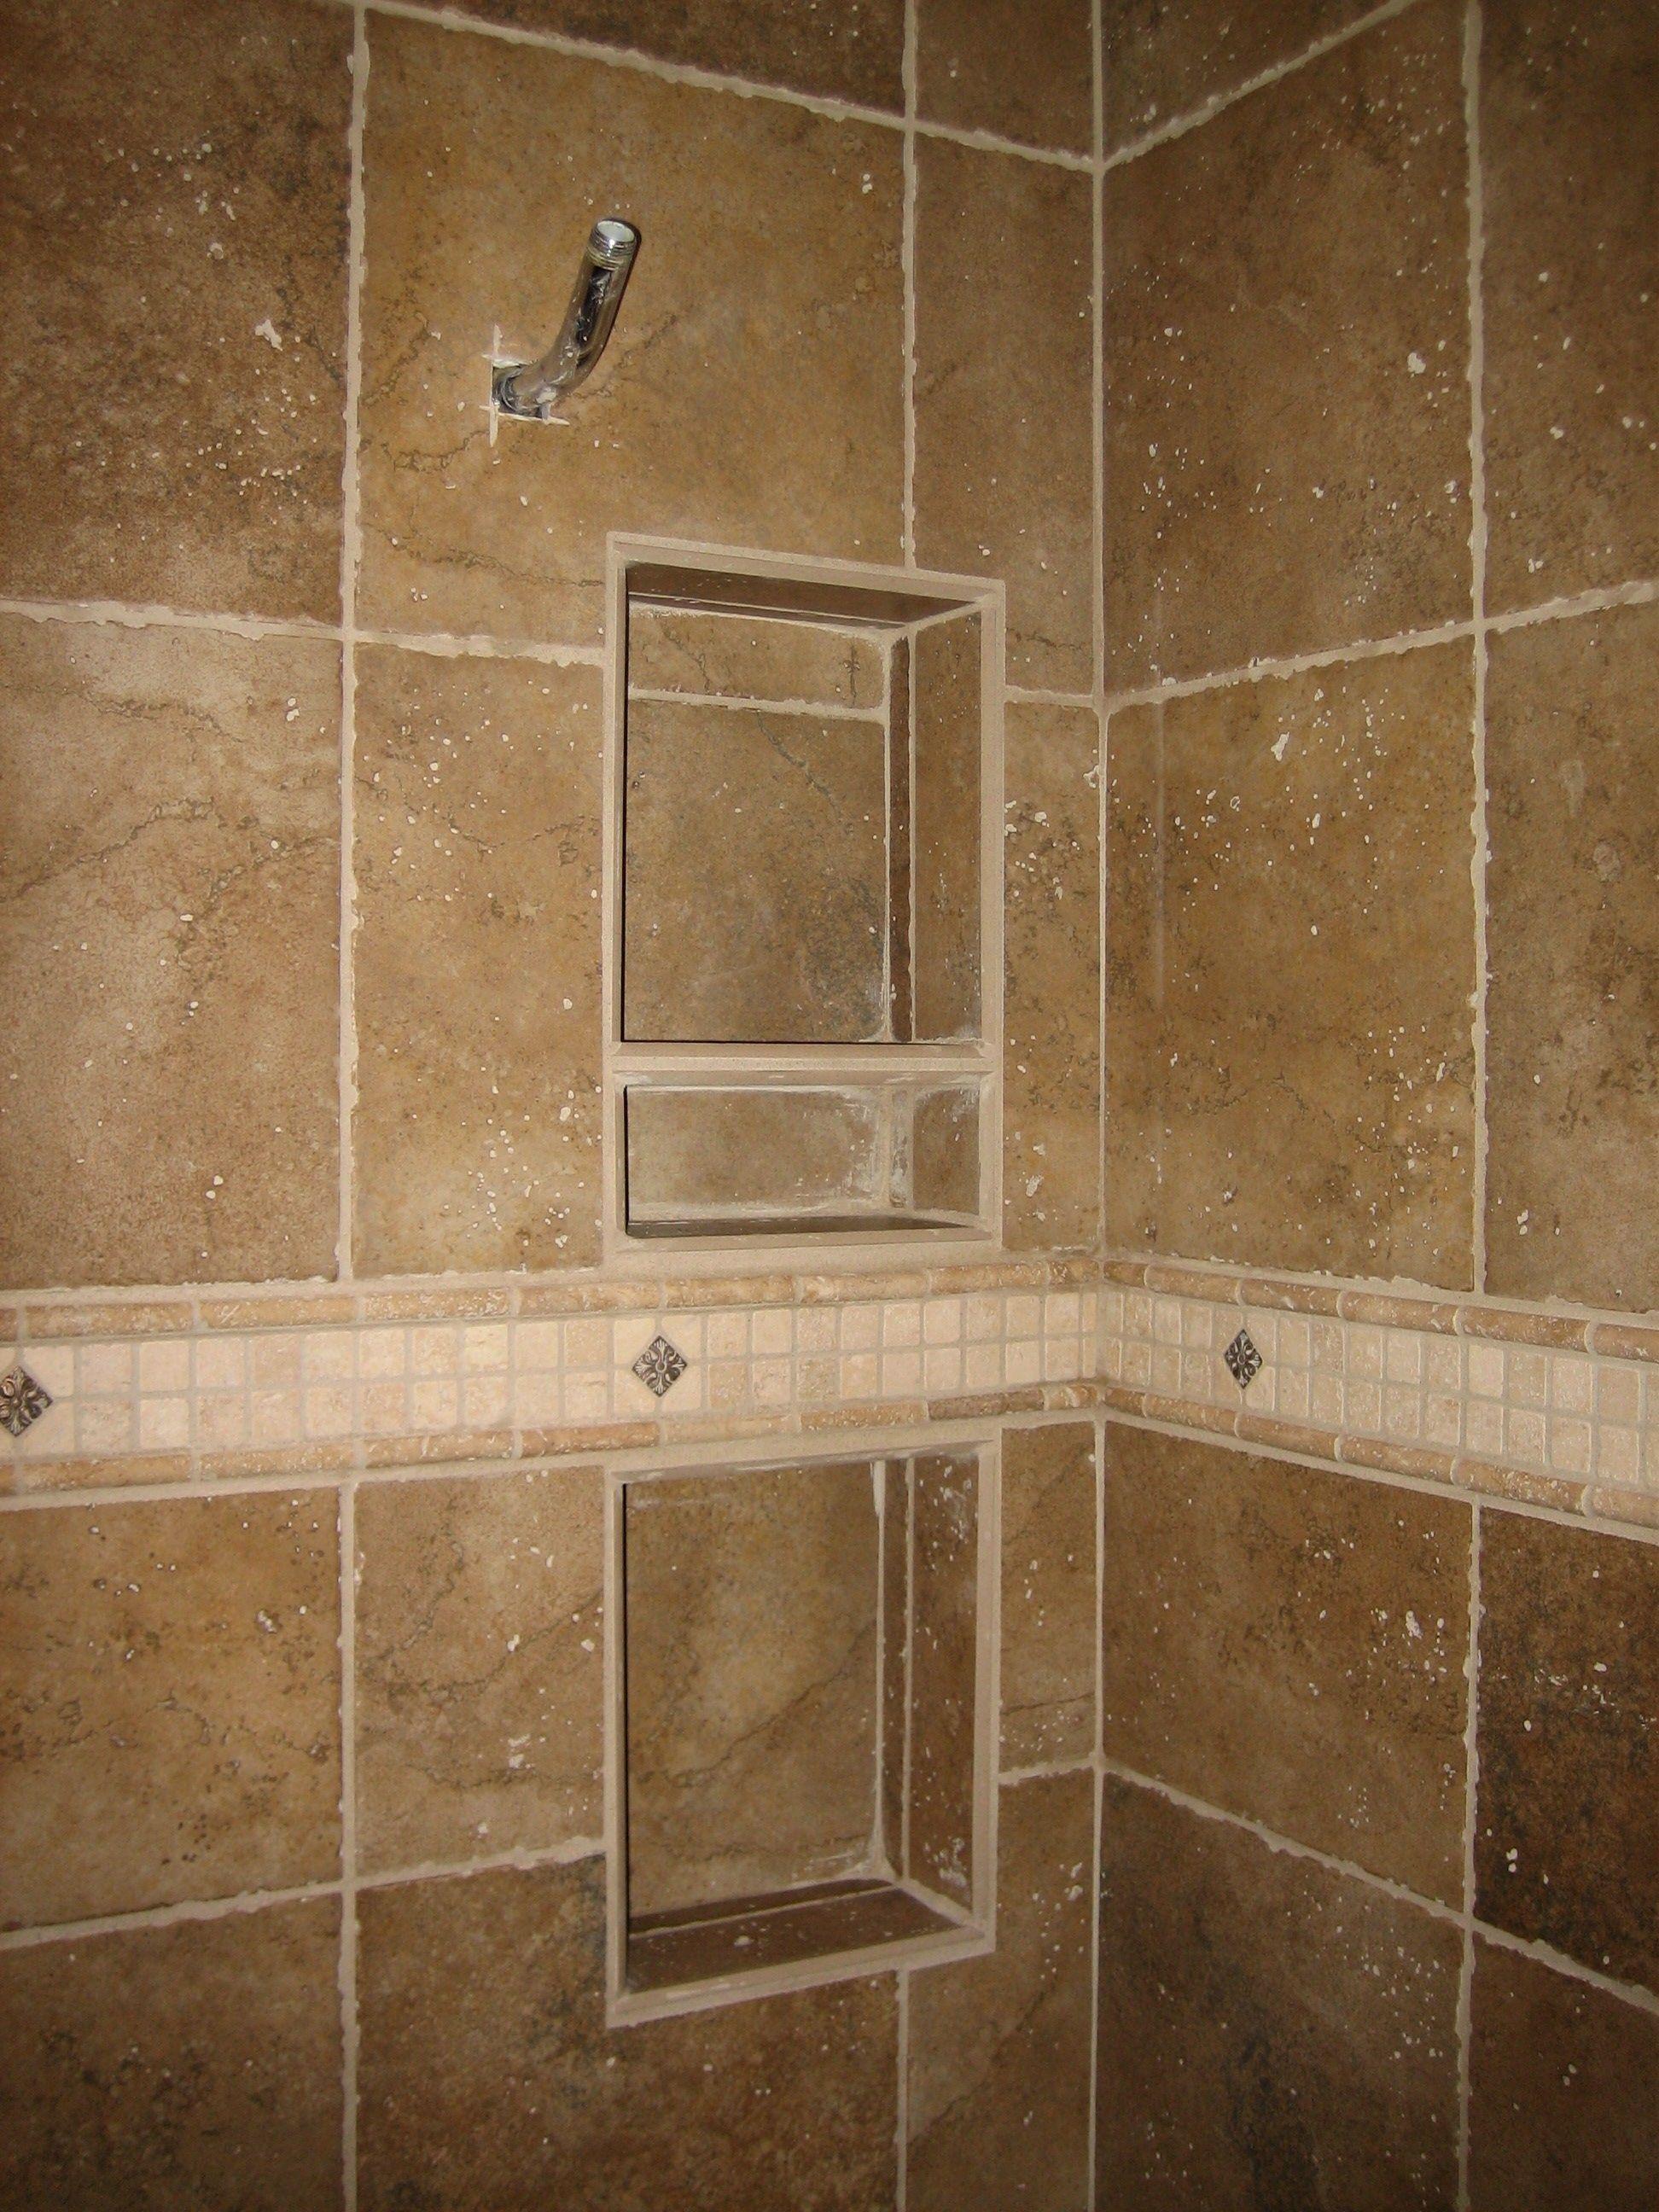 Tile Shower Caddy | Bathroom Utensils | Pinterest | Tile showers ...